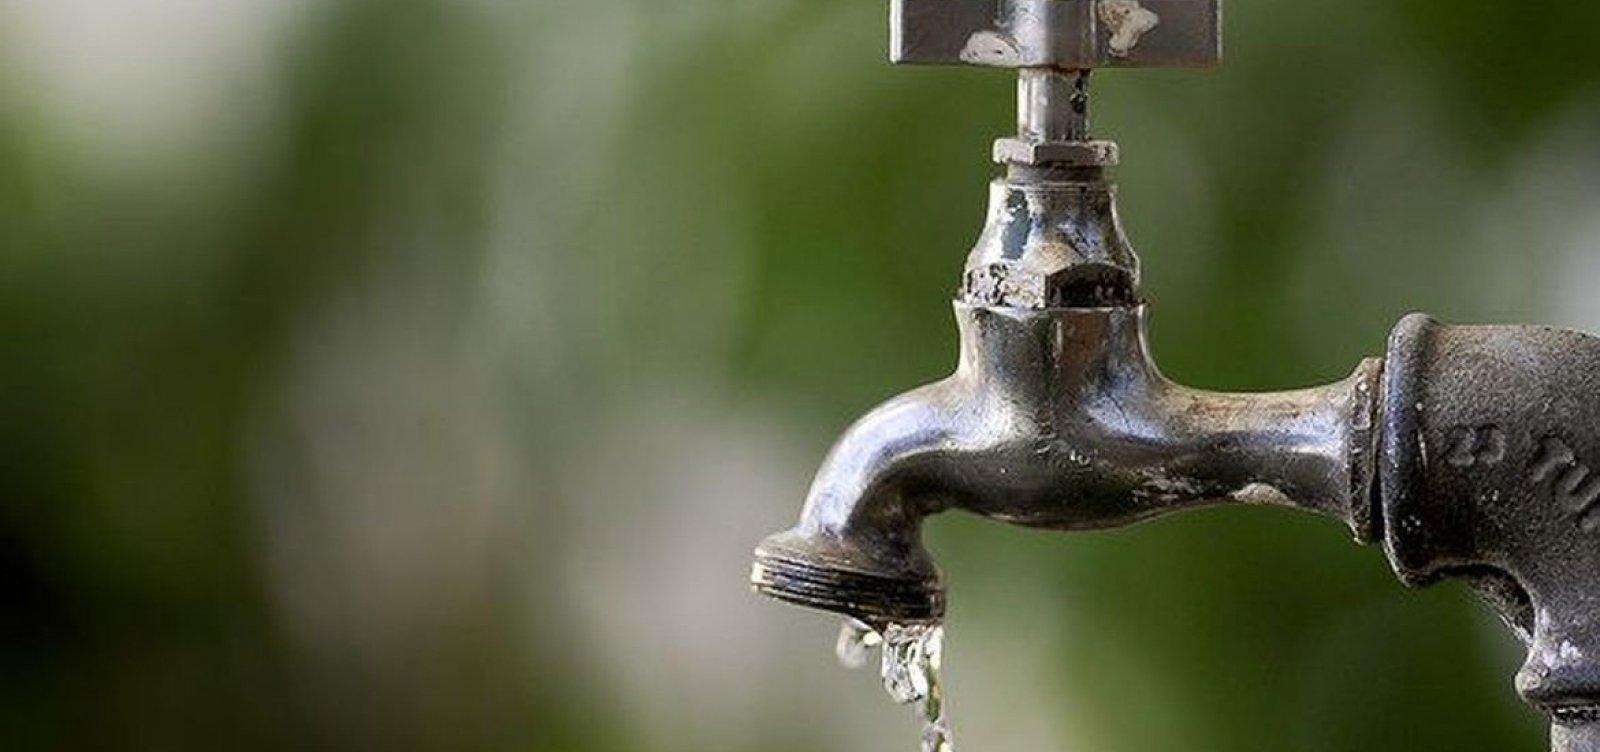 Abastecimento de água será interrompido em várias regiões de Camaçari na próxima terça-feira (23)